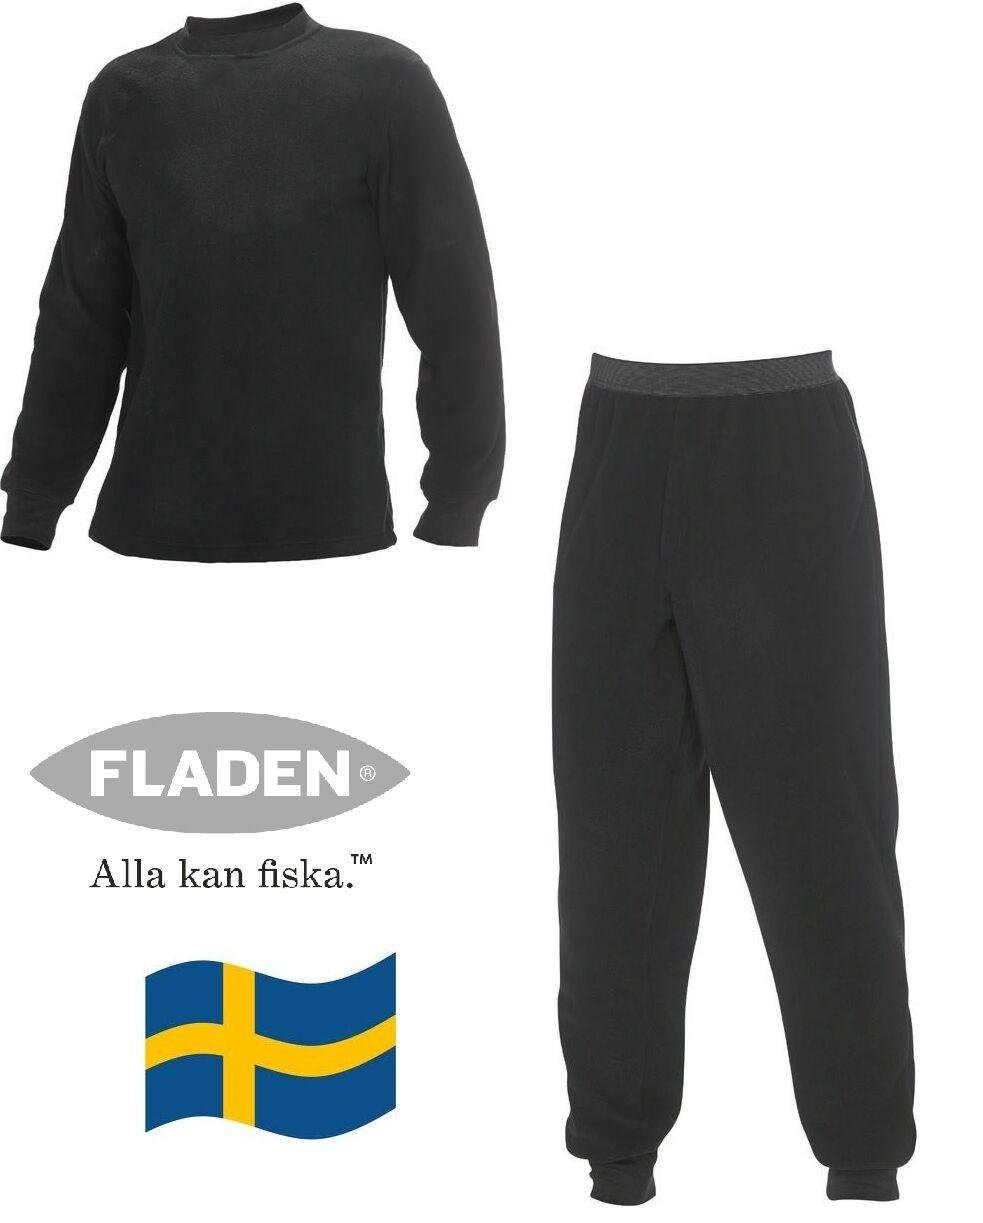 Fleece - Unterwäsche von FLADEN (S) , 2tlg. , black Gr.S-XXL